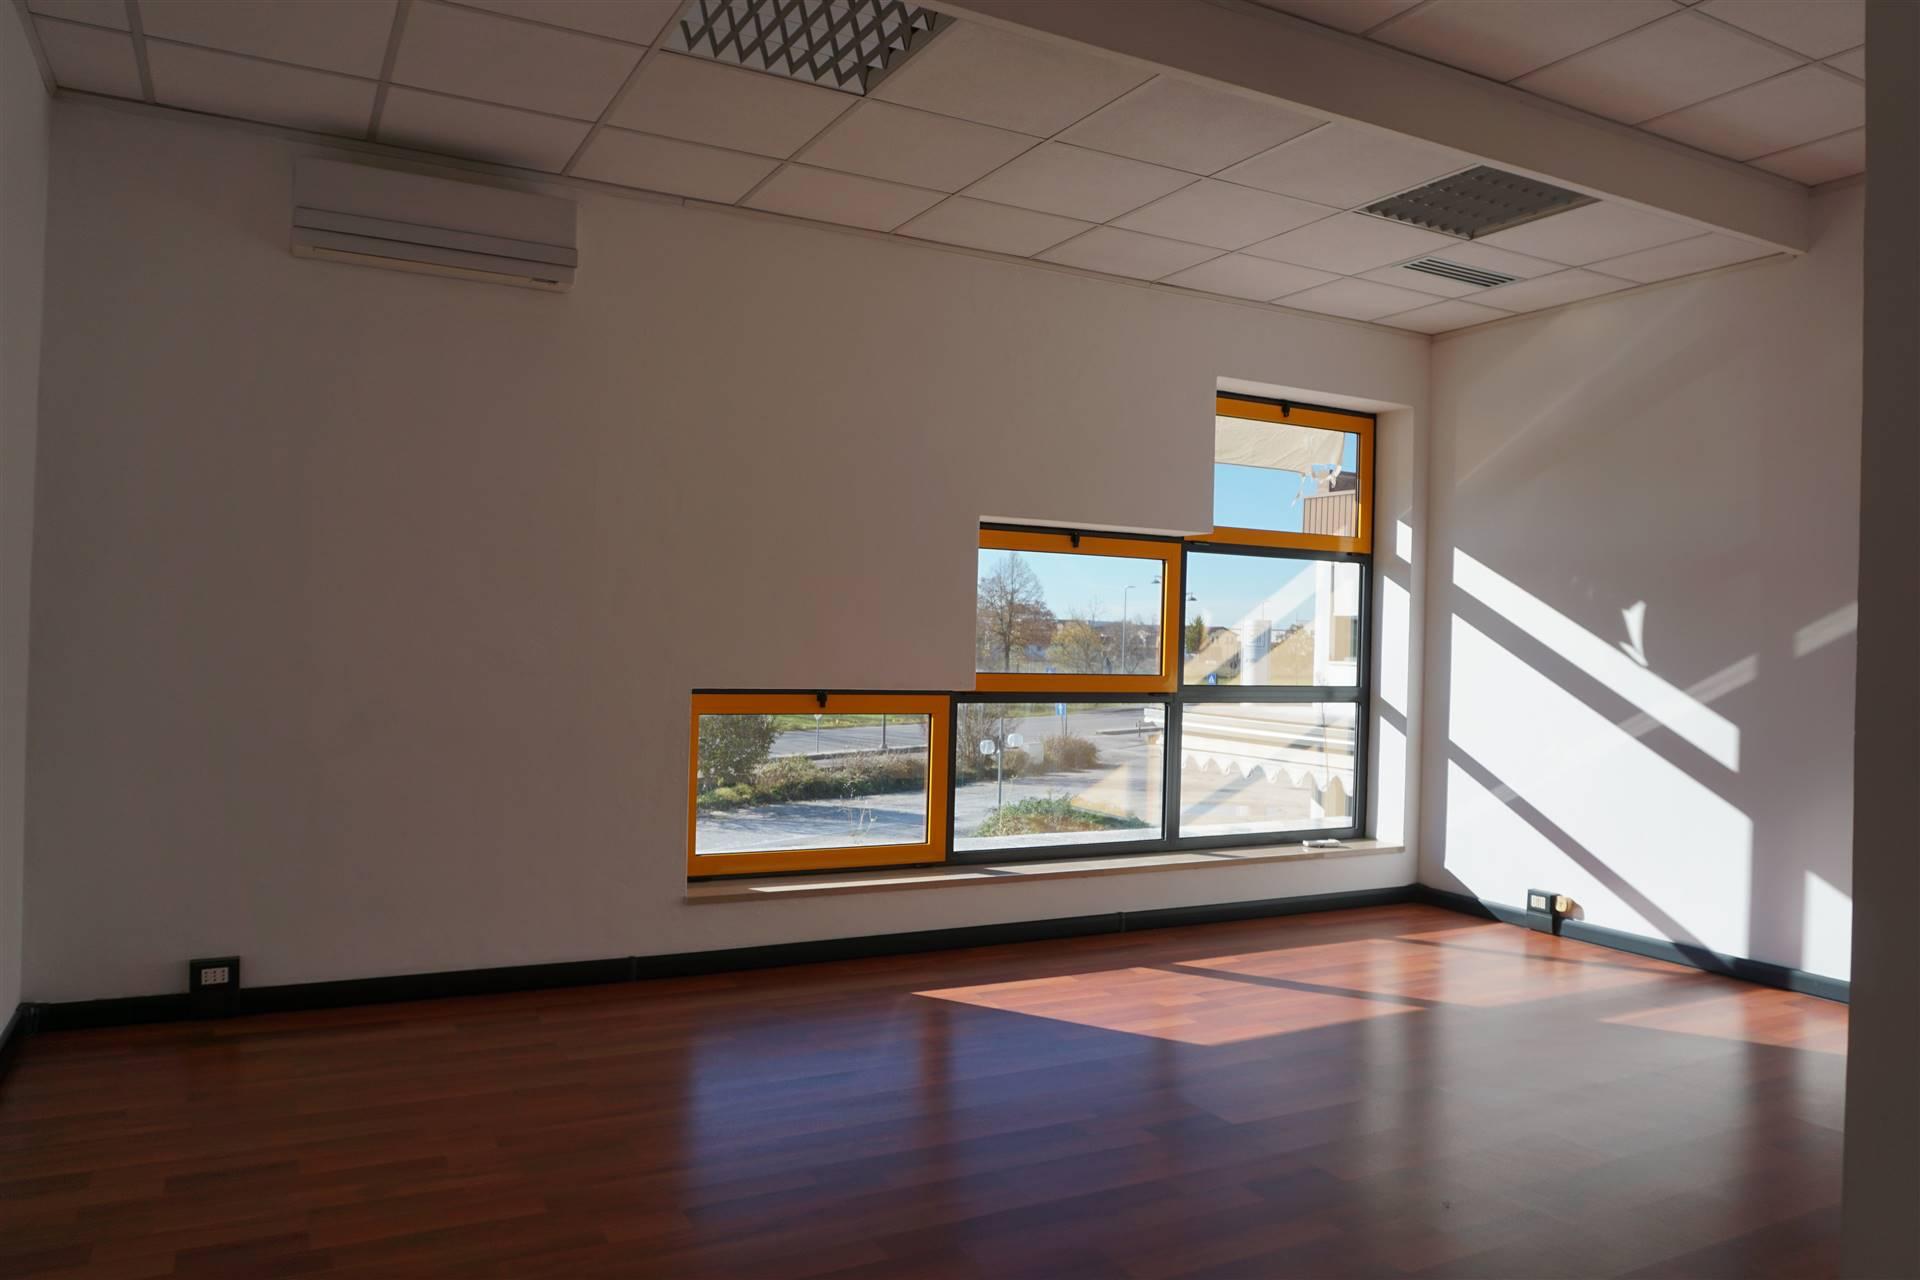 Ufficio / Studio in affitto a Quarto d'Altino, 4 locali, prezzo € 600 | CambioCasa.it